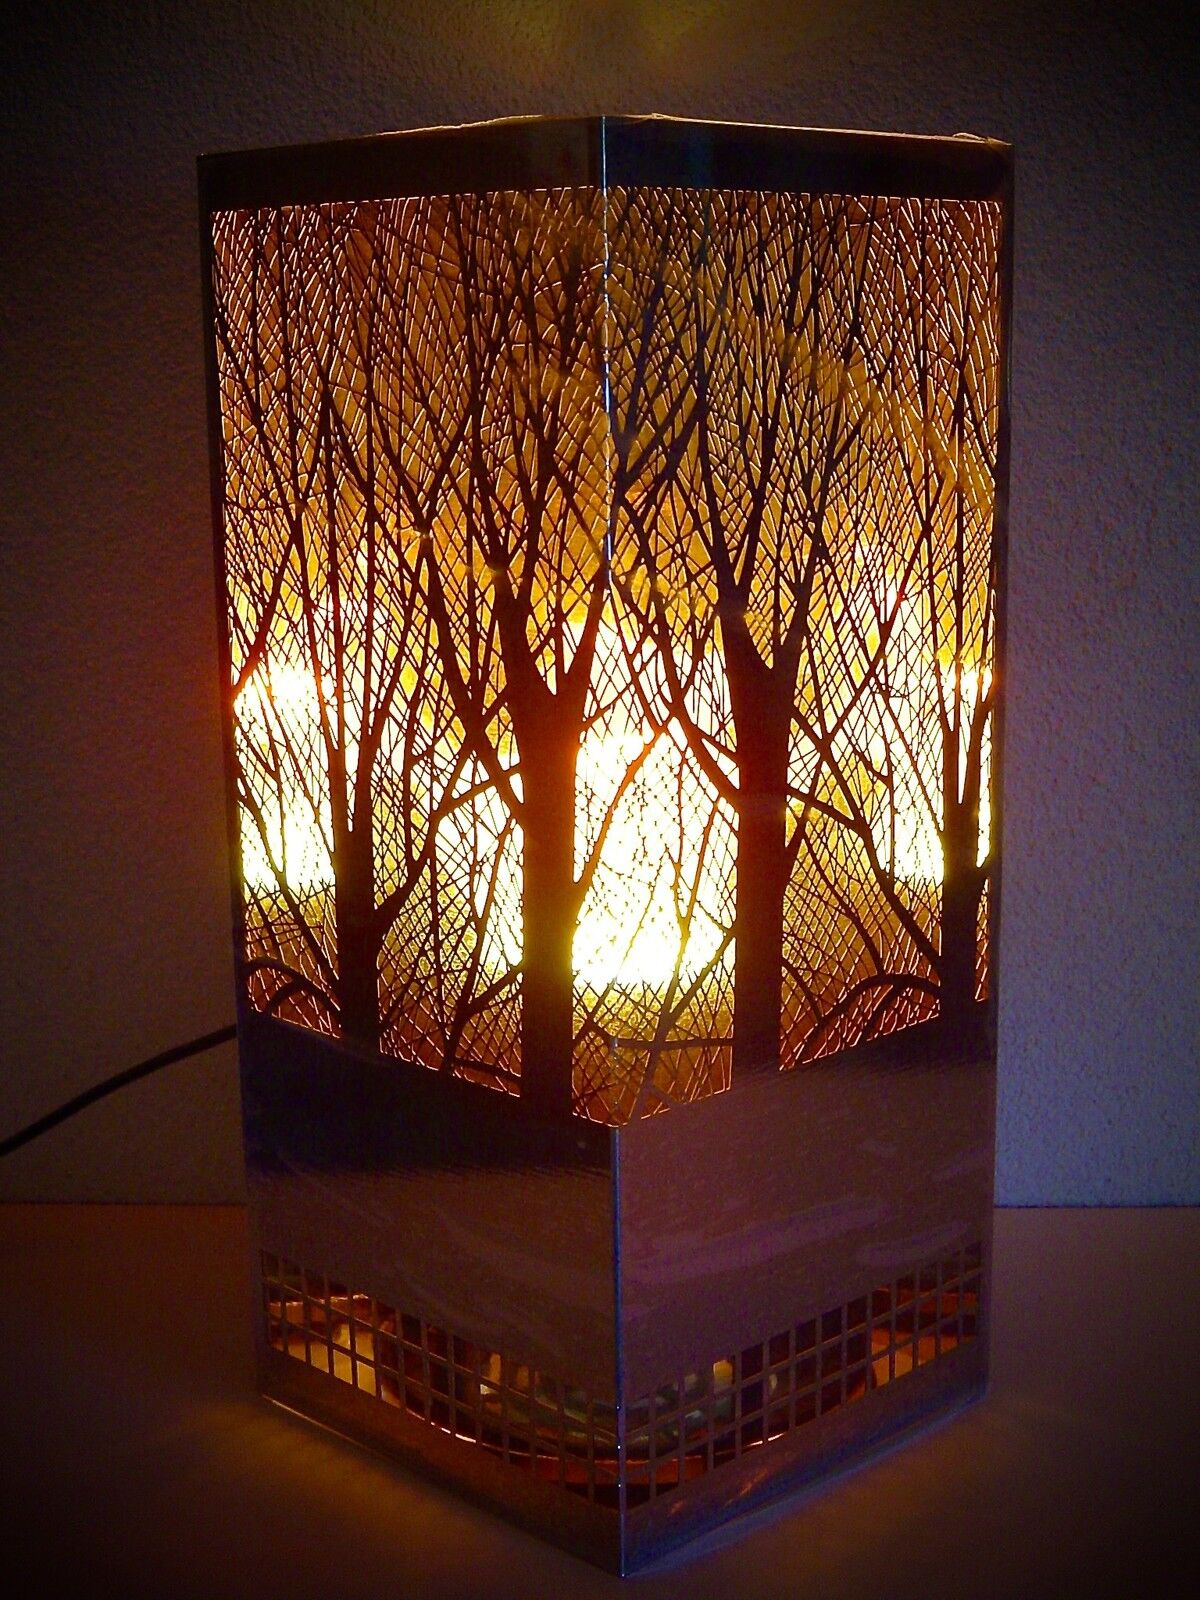 flammens ule kamin elektrisch flammenleuchte edelstahl 30cm firebox edelstahl441 eur 89 99. Black Bedroom Furniture Sets. Home Design Ideas